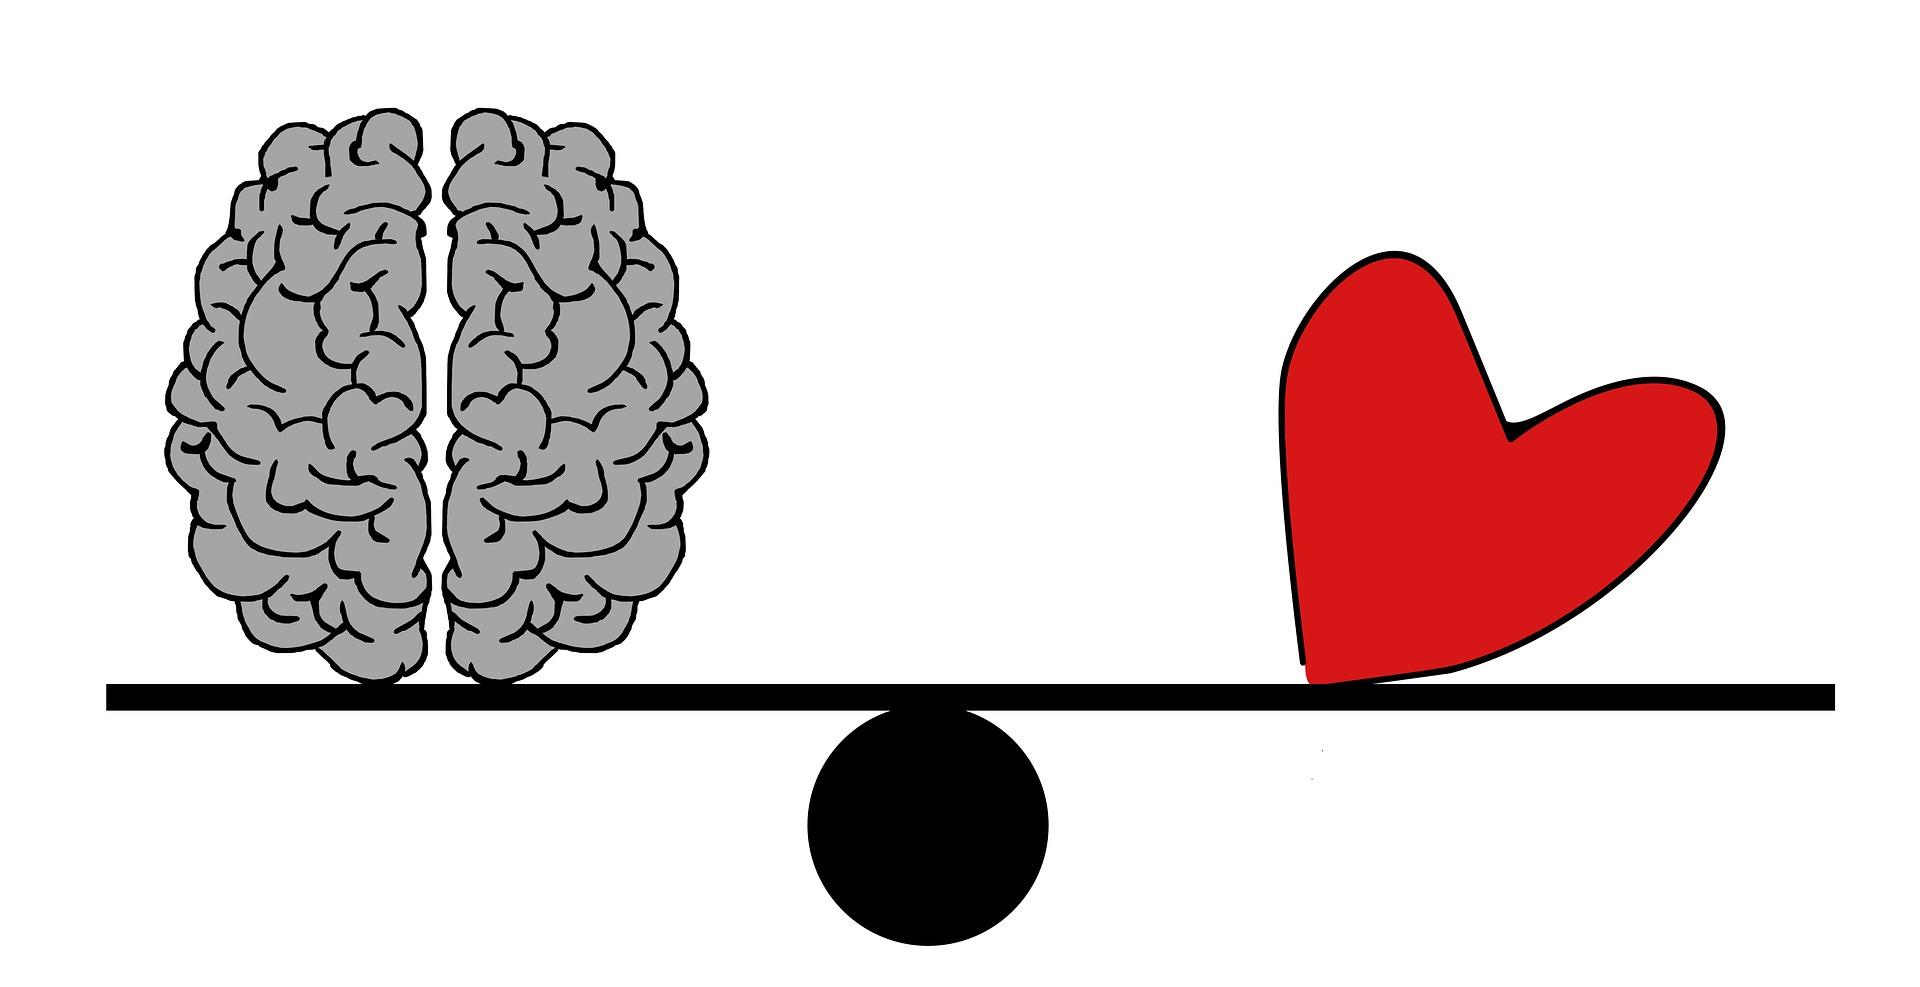 l'équilibre entre le coeur et la raison